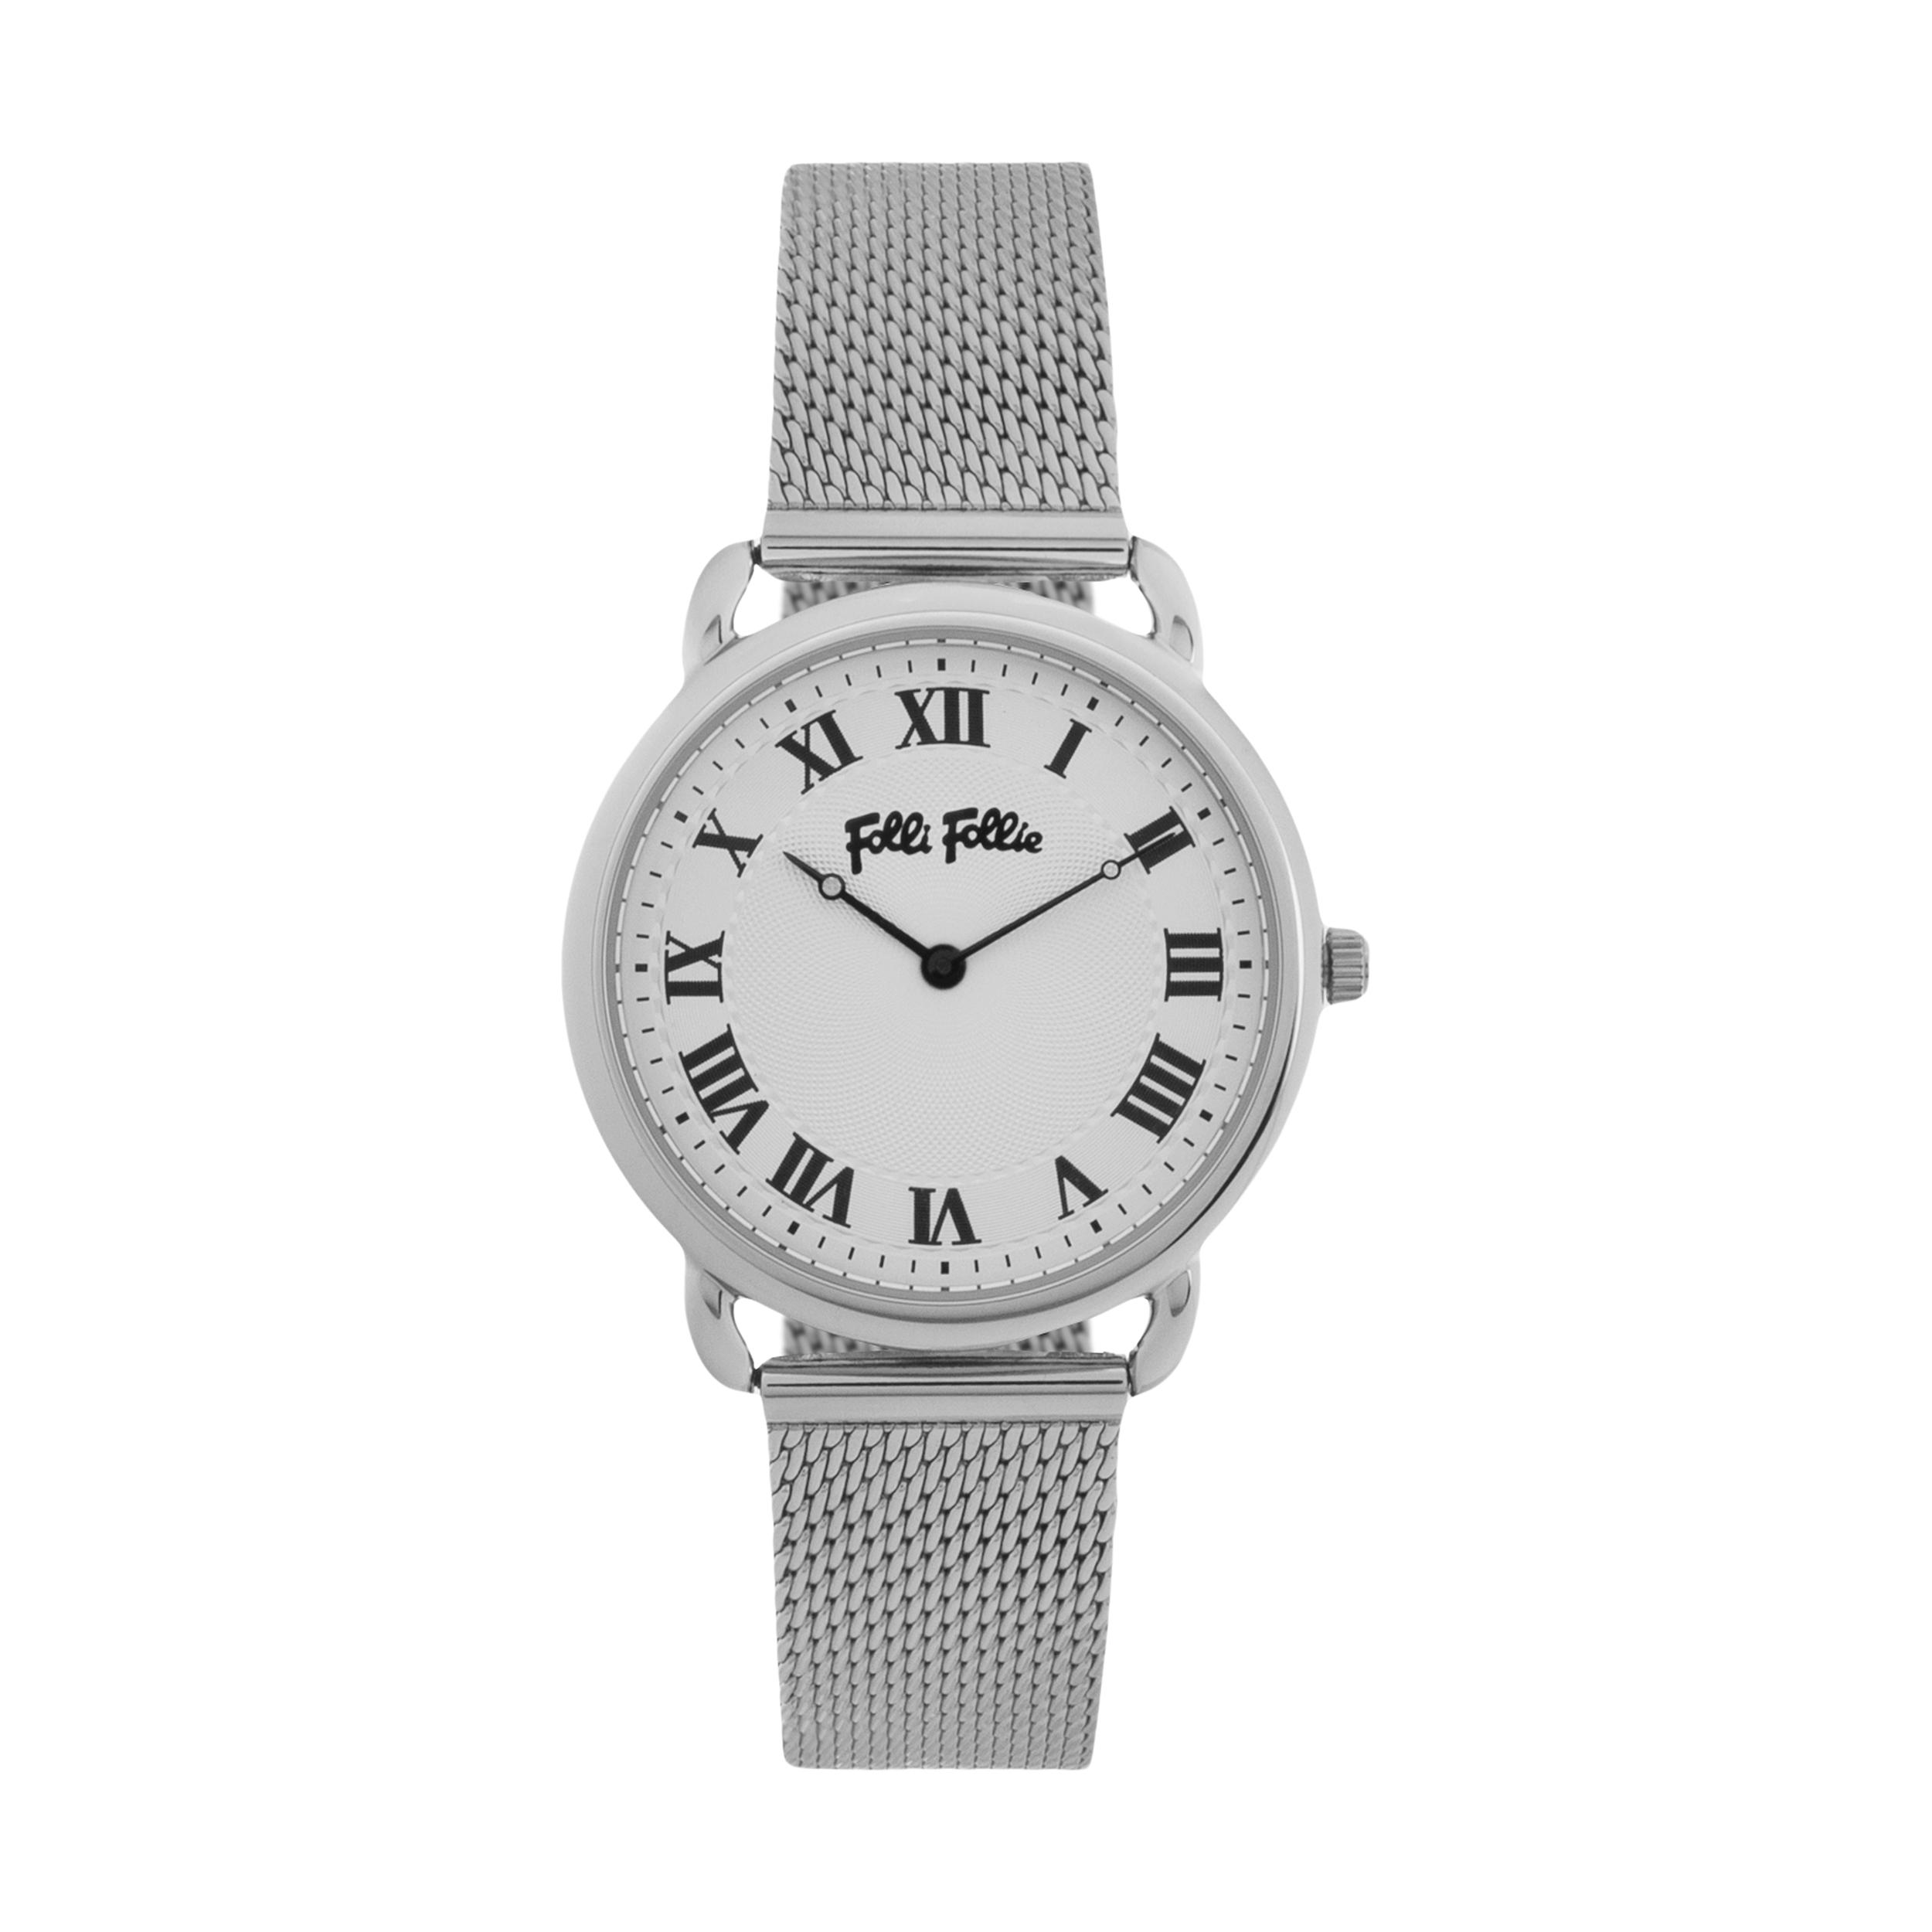 قیمت ساعت مچی عقربه ای زنانه فولی فولیه مدل WF16T013BPS (بدون جعبه اورجینال)              خرید (⭐️⭐️⭐️)